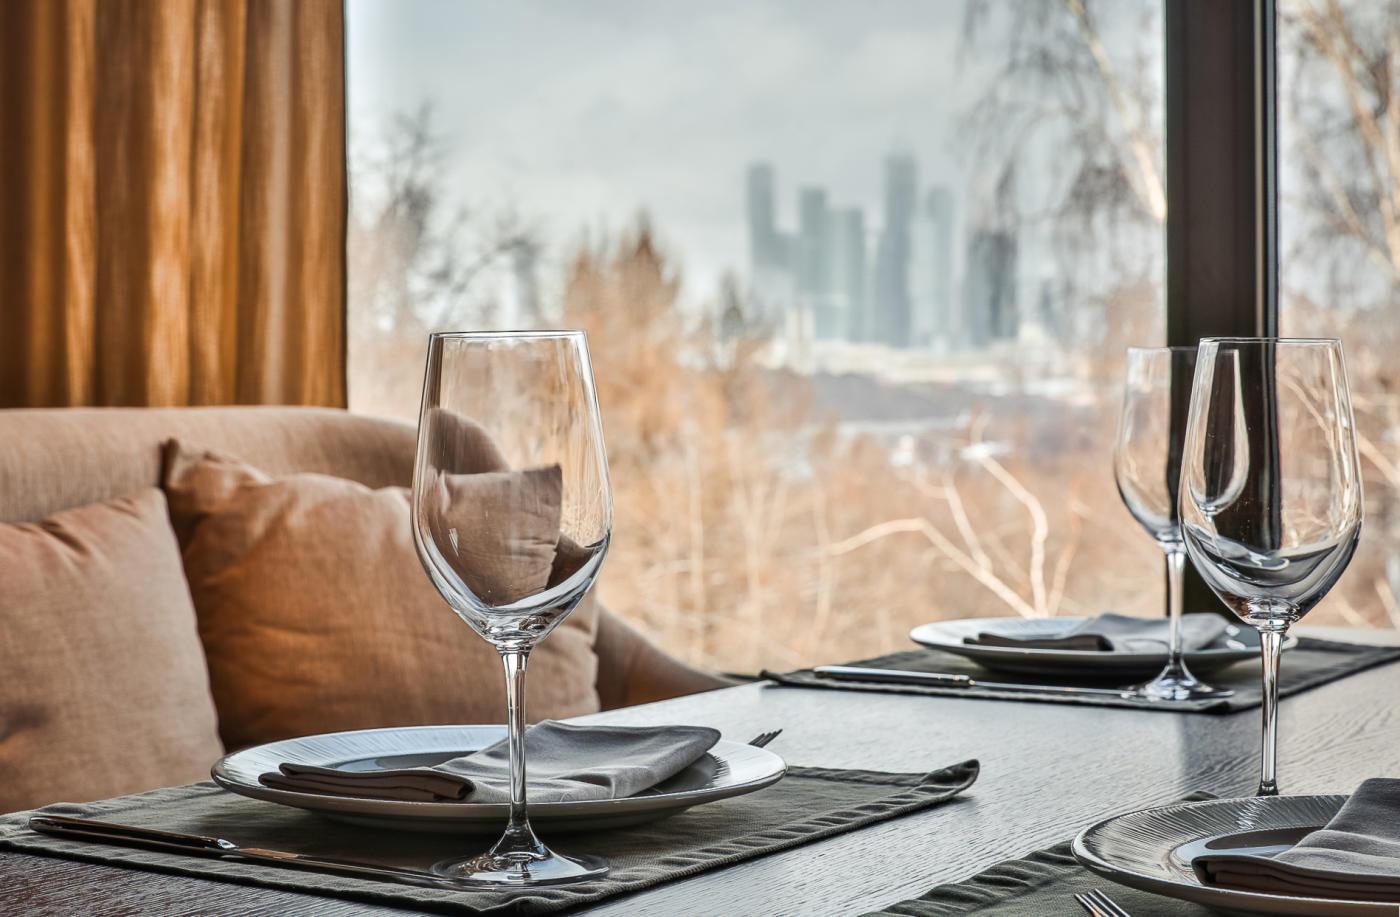 Панорамный Ресторан Трамплин на Воробьевых Горах фото 20